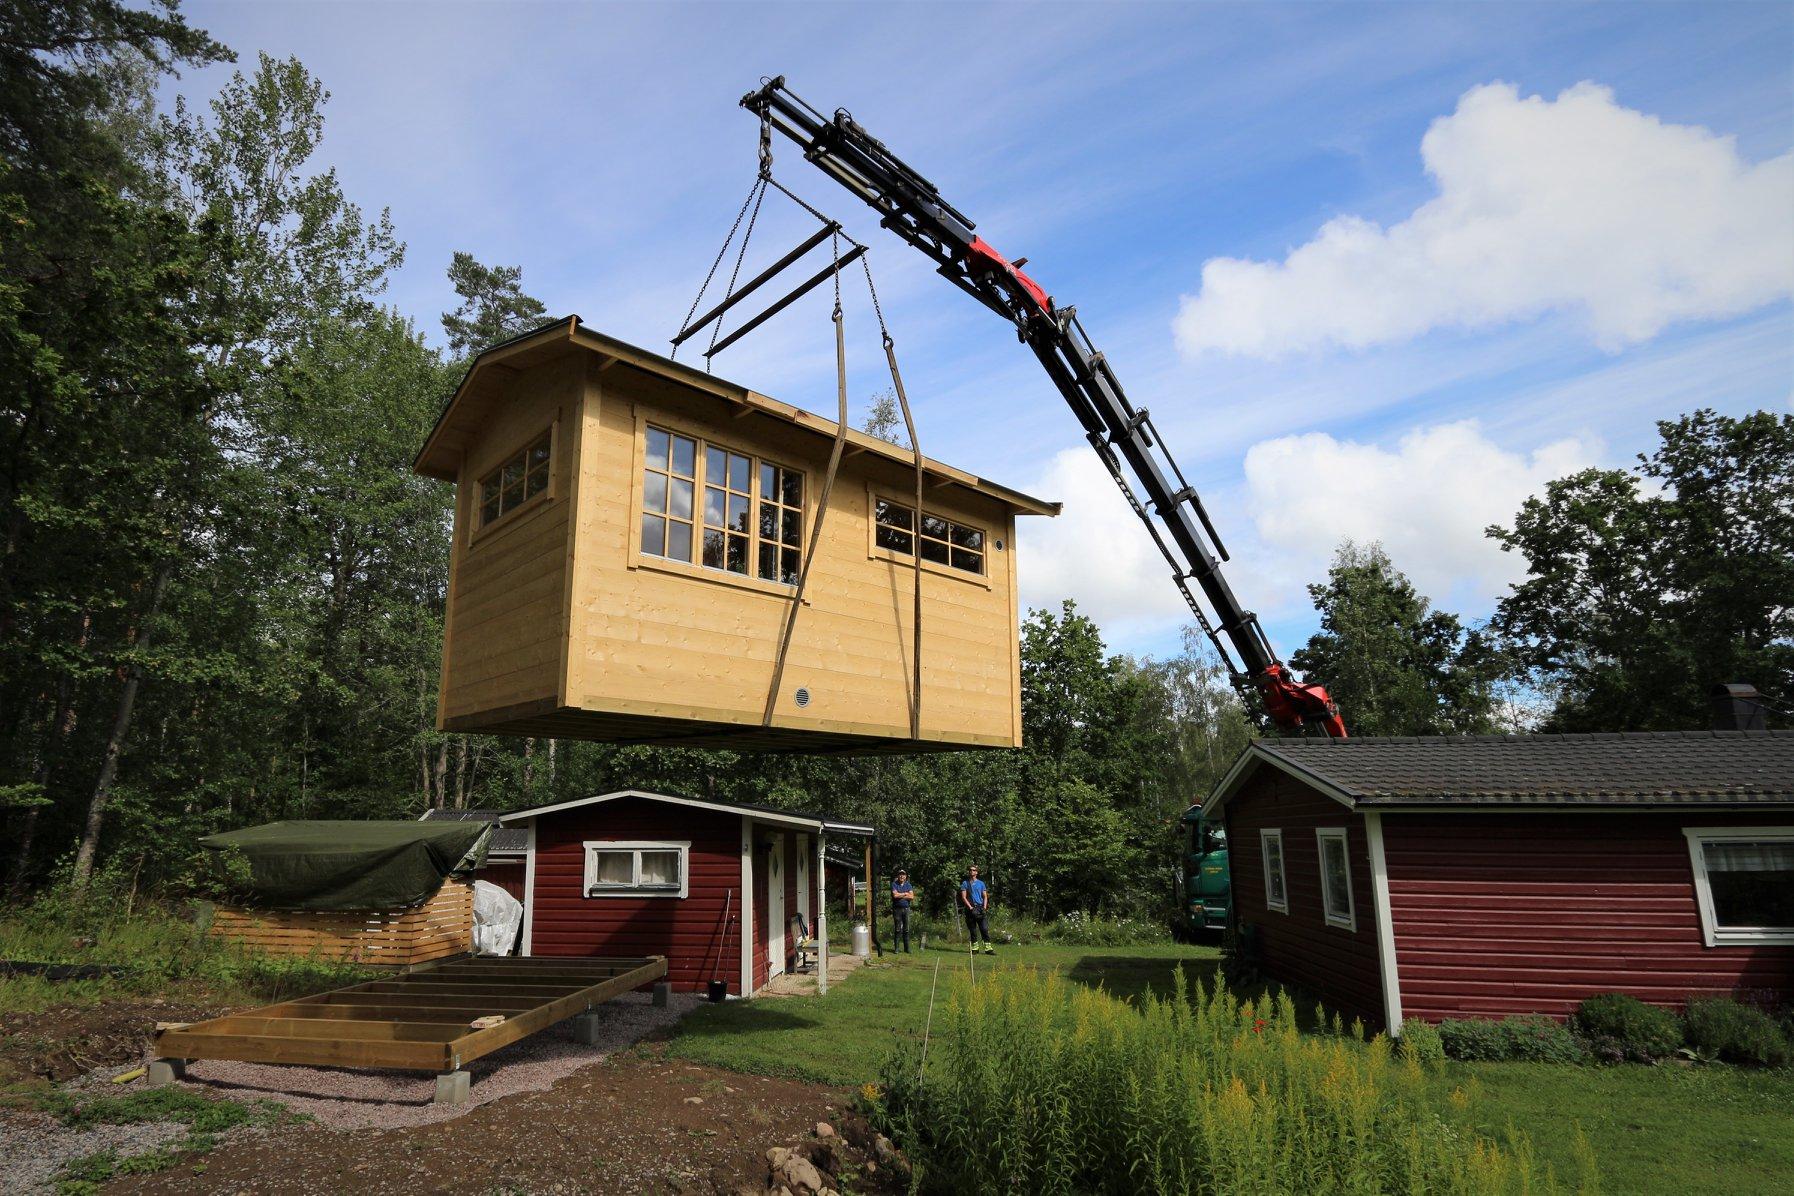 Kranbil med 22 meter lång arm för att lyfta stugan